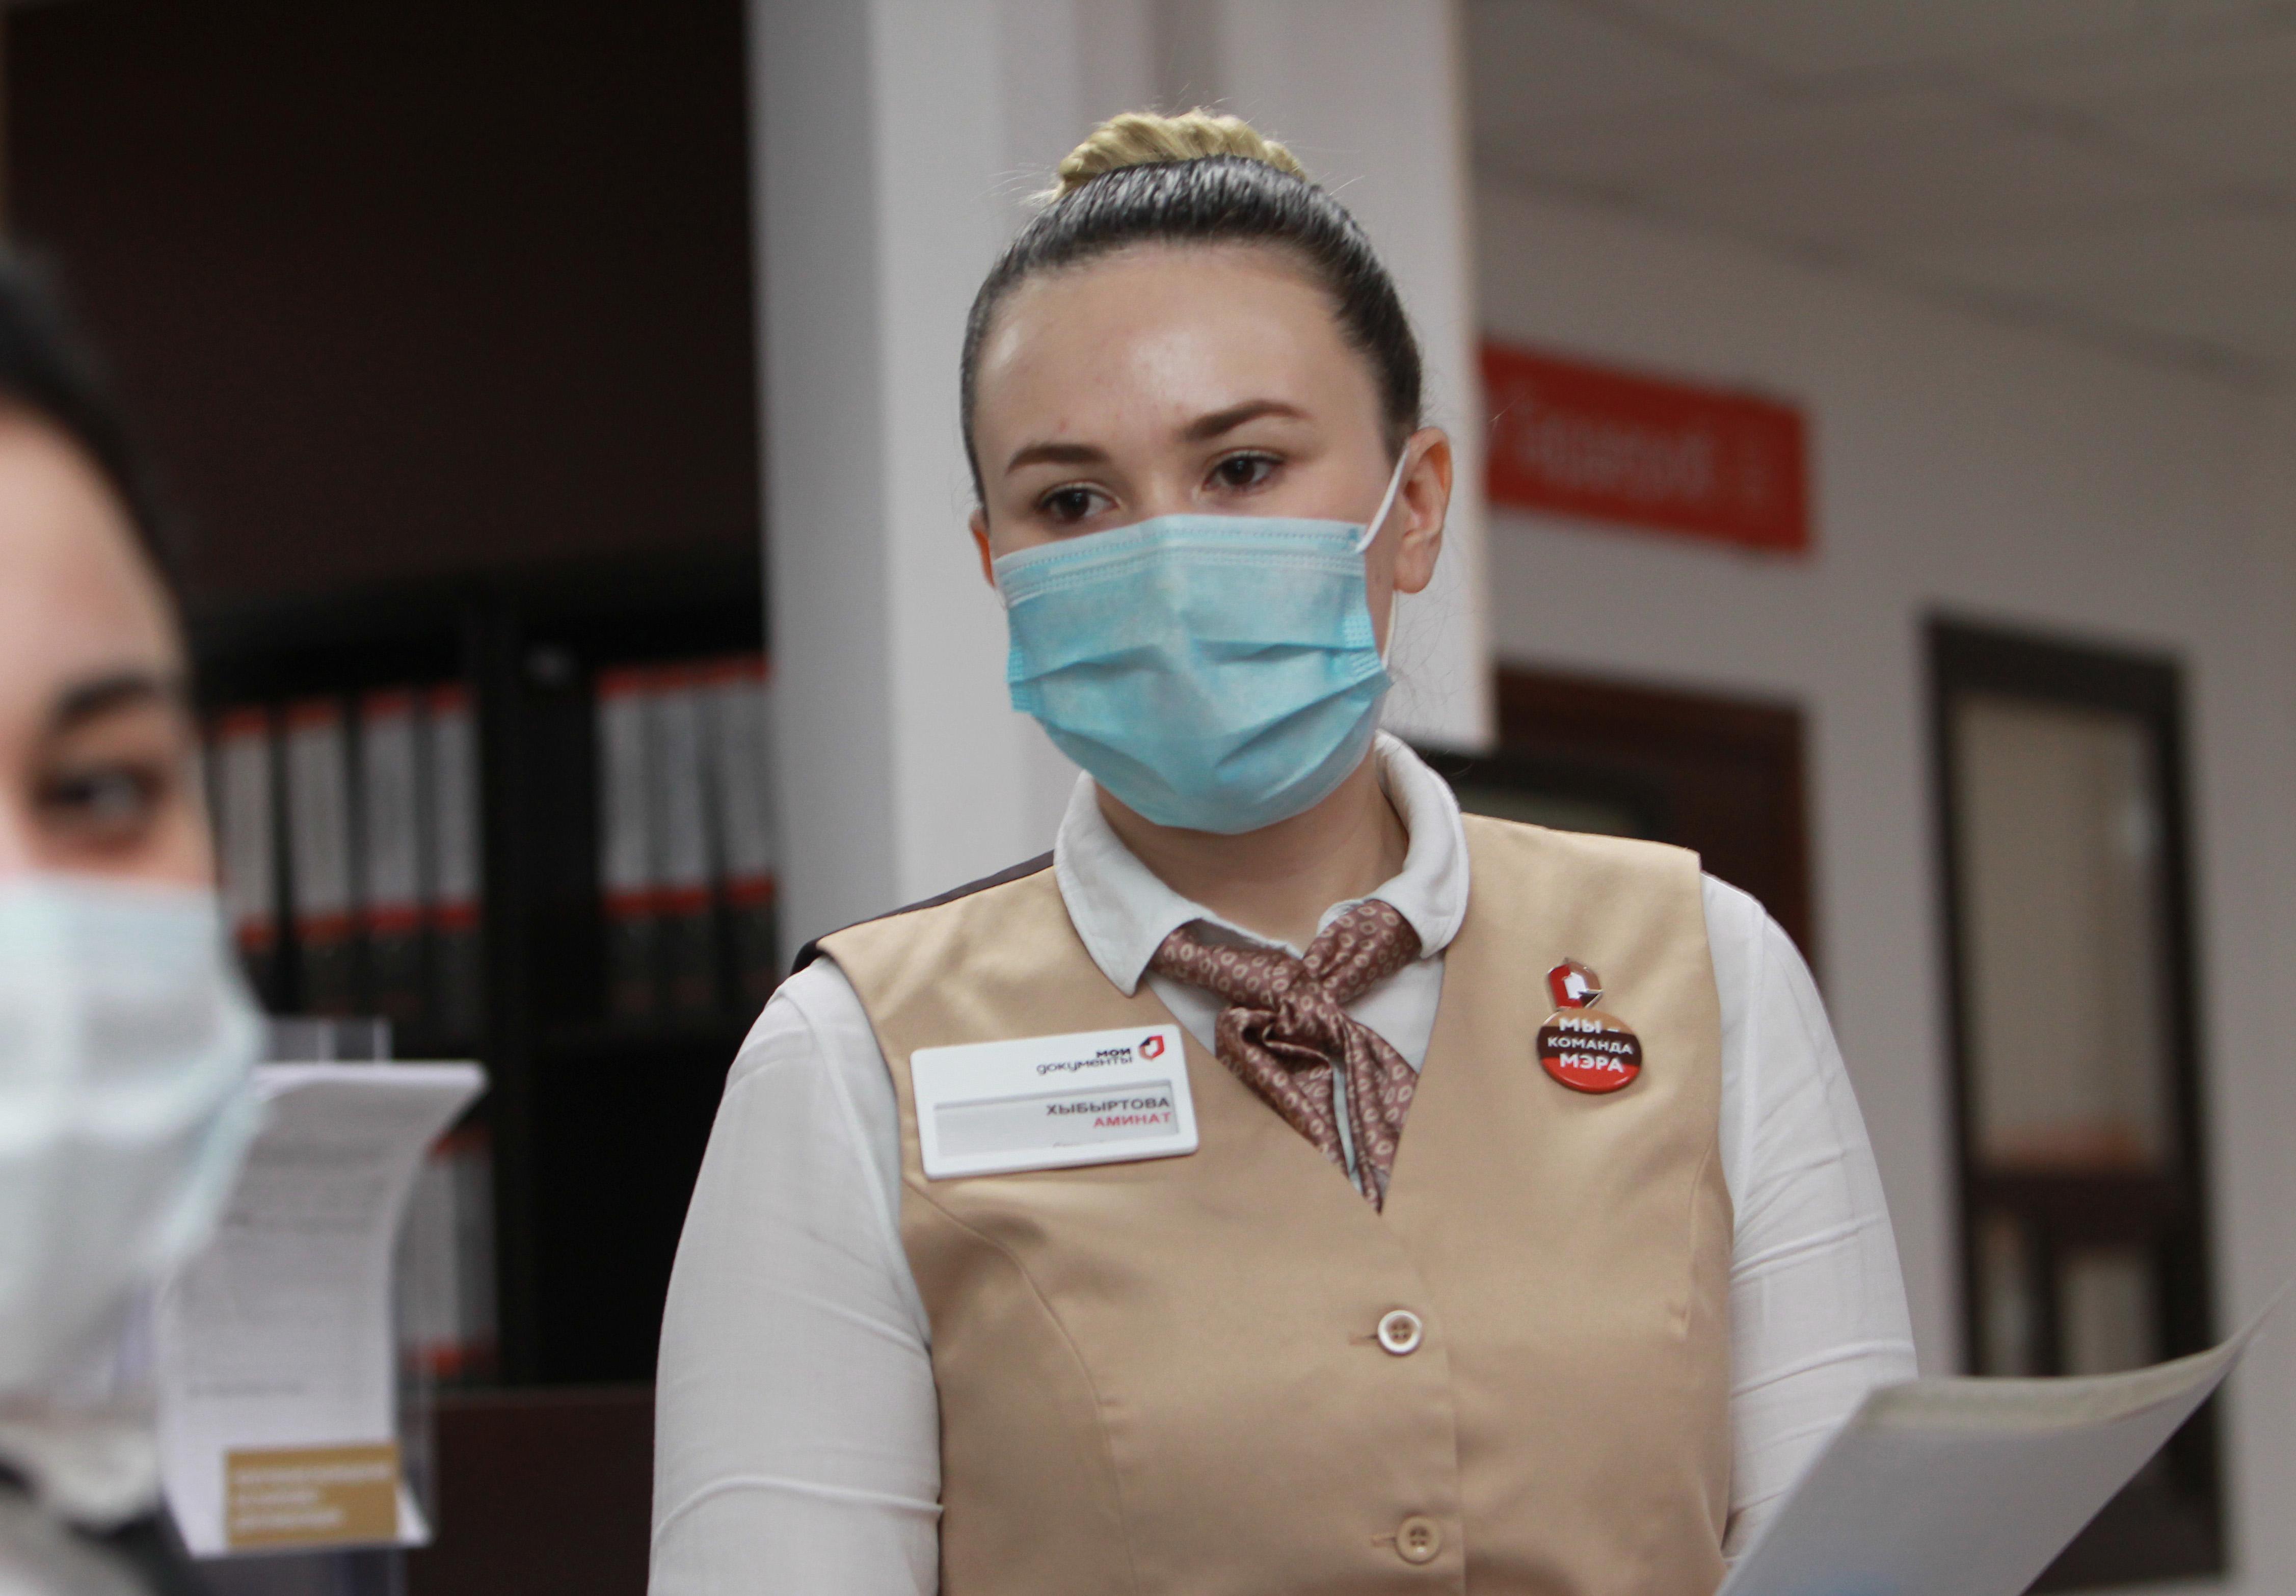 Москвичам рассказали о самых популярных пакетах документов в центрах госуслуг